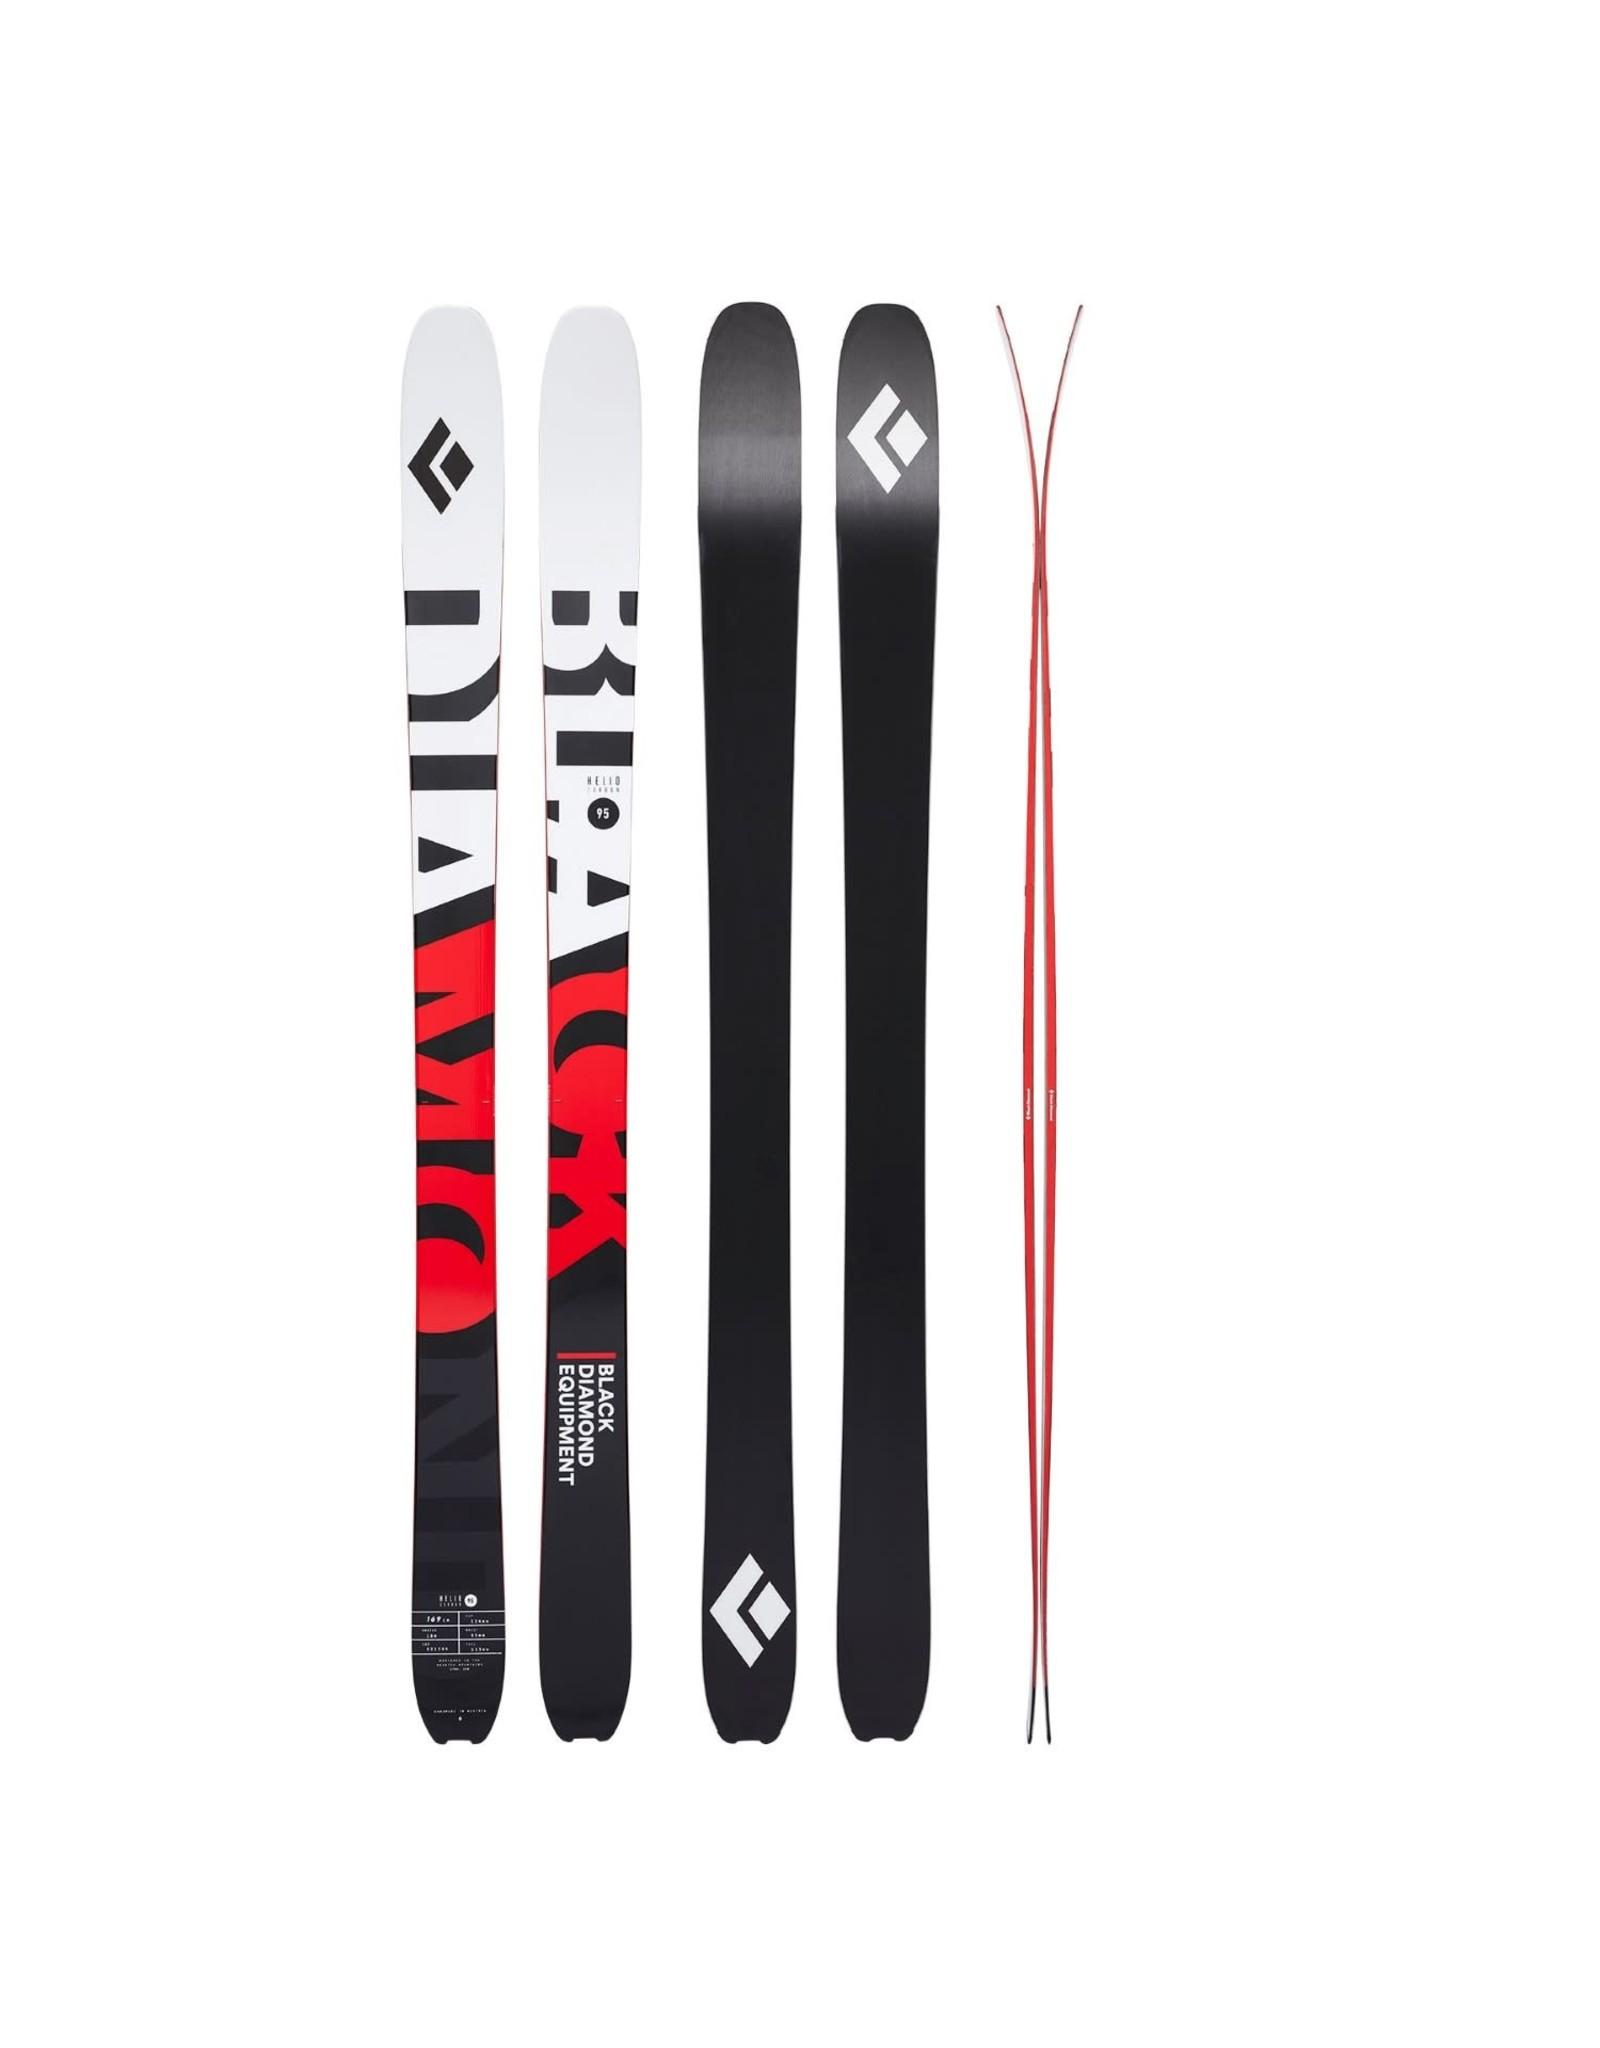 Black Diamond Black Diamond Helio Carbon 95 Skis